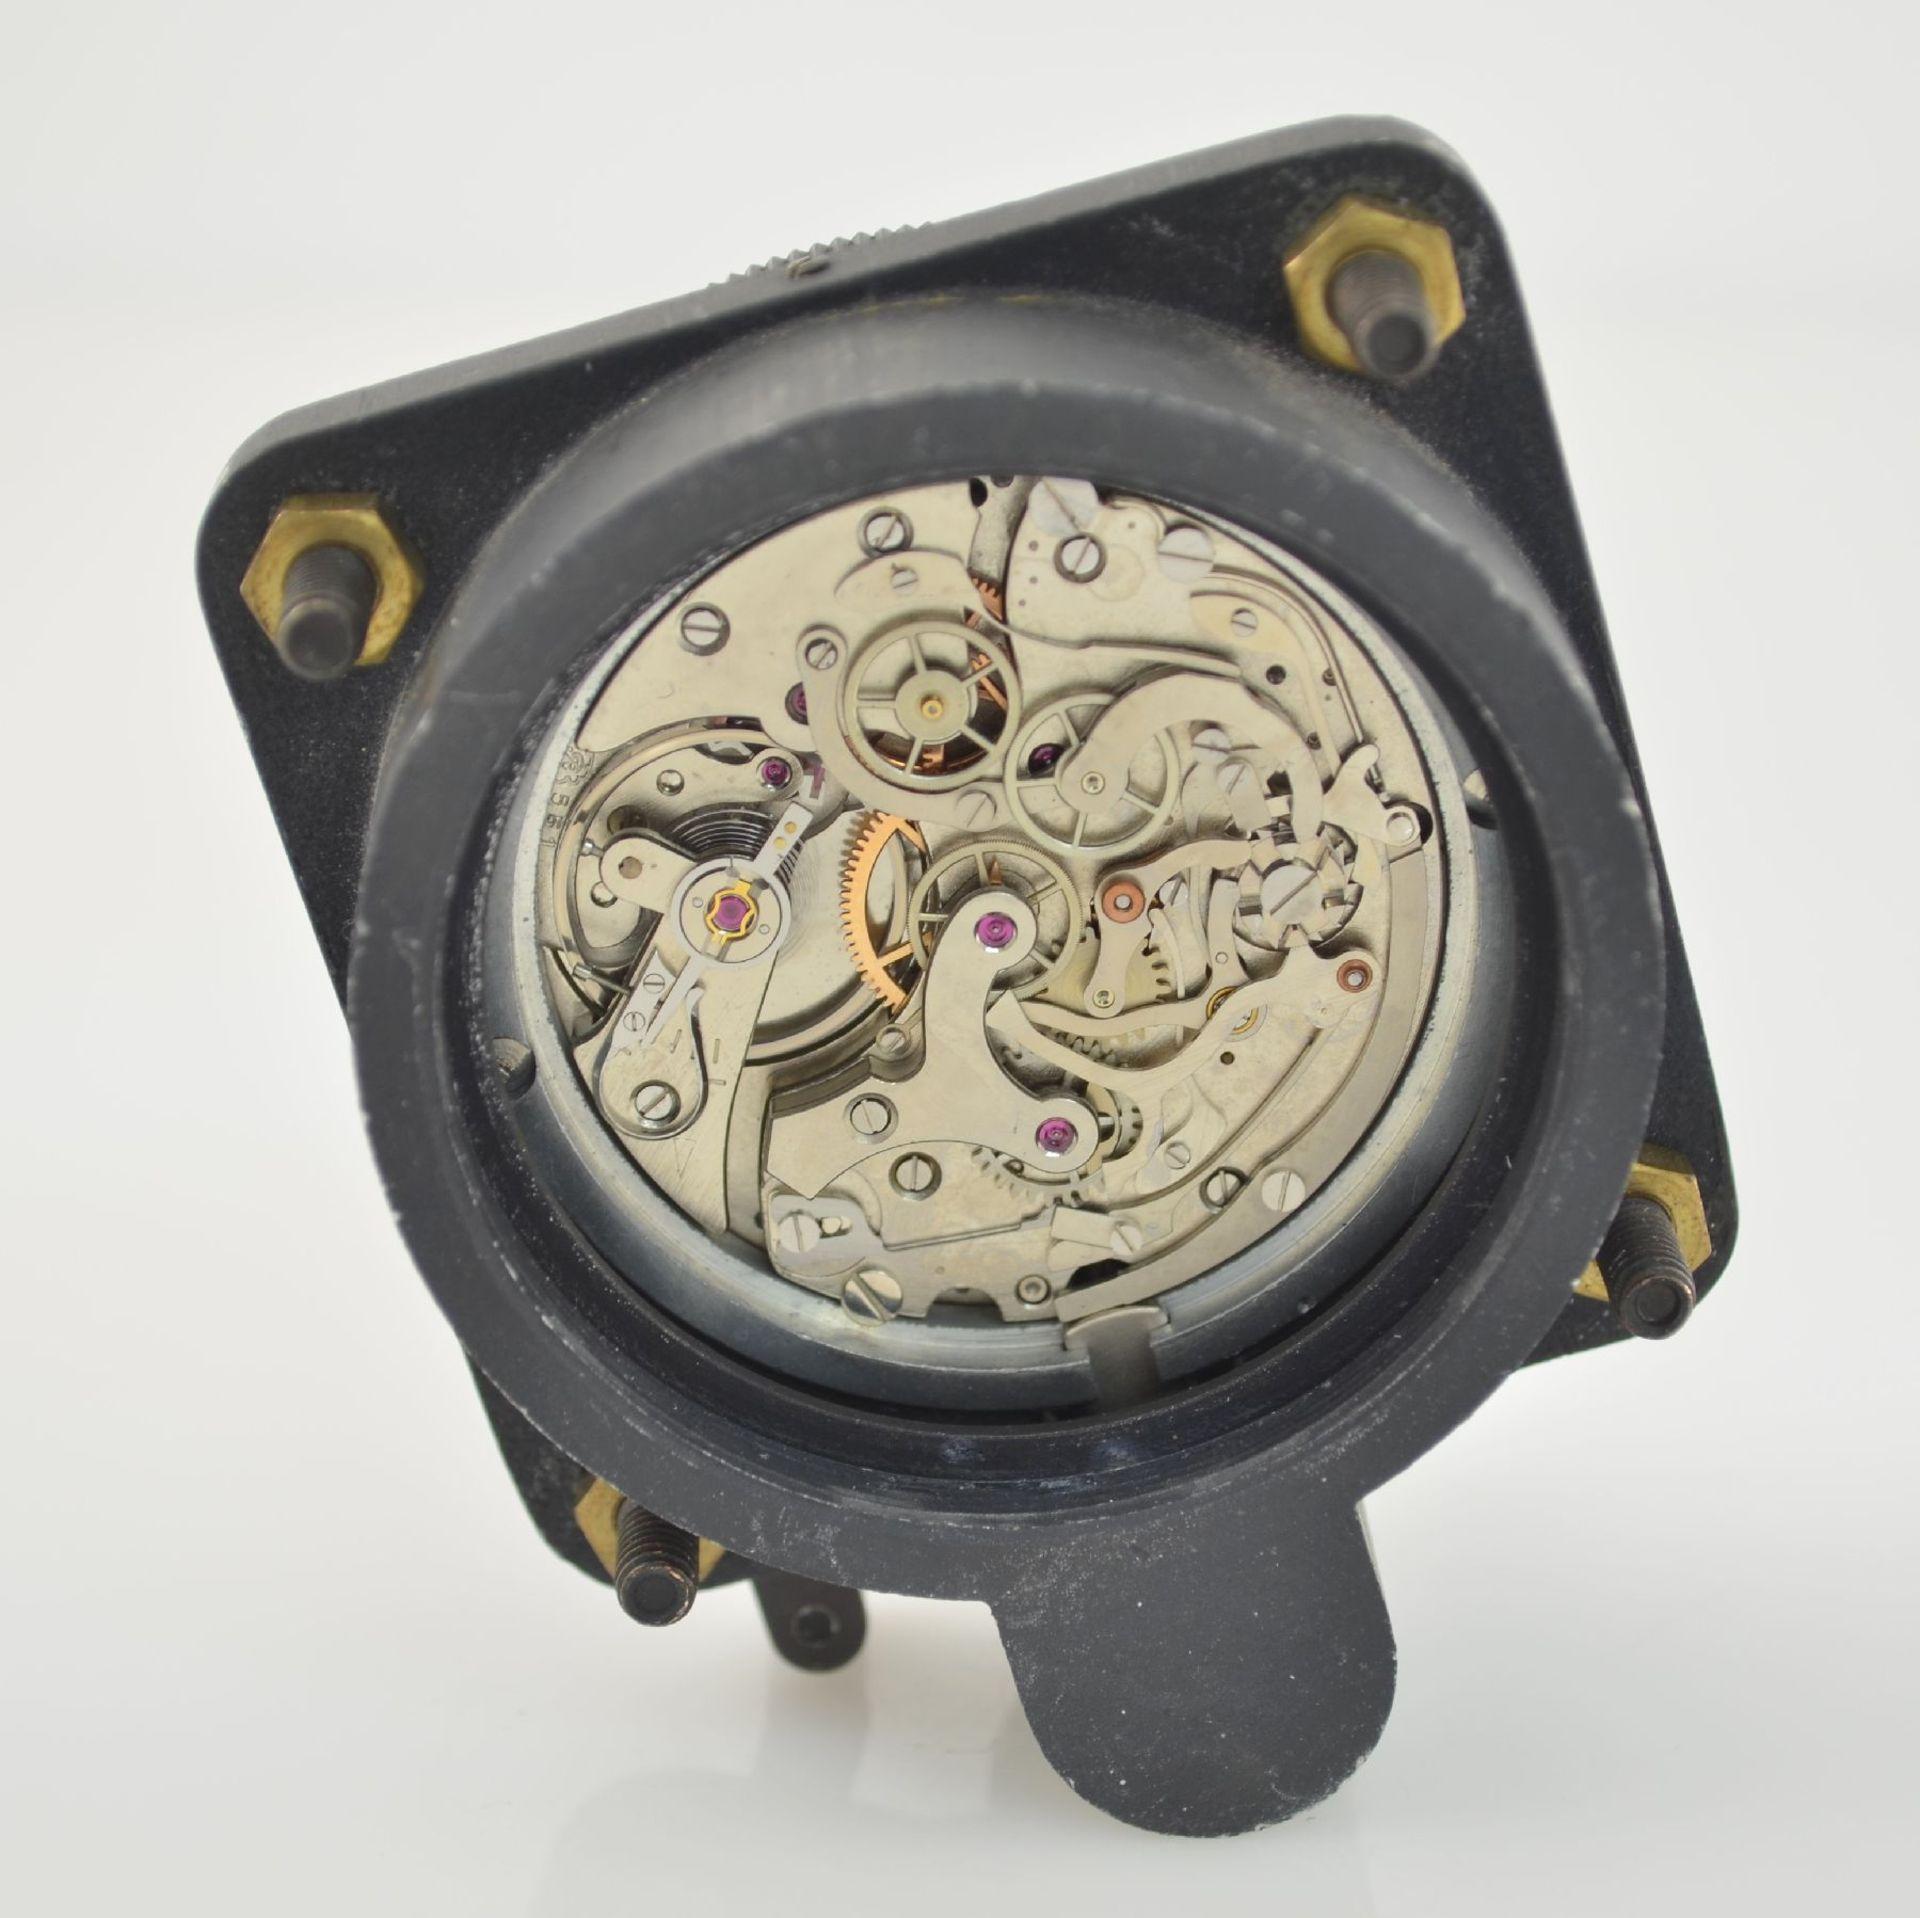 SPORTING TYPE 11 Borduhr mit Chronograph (Dashboard), Schweiz um 1970, geschwärztes Metallgeh., - Bild 7 aus 7